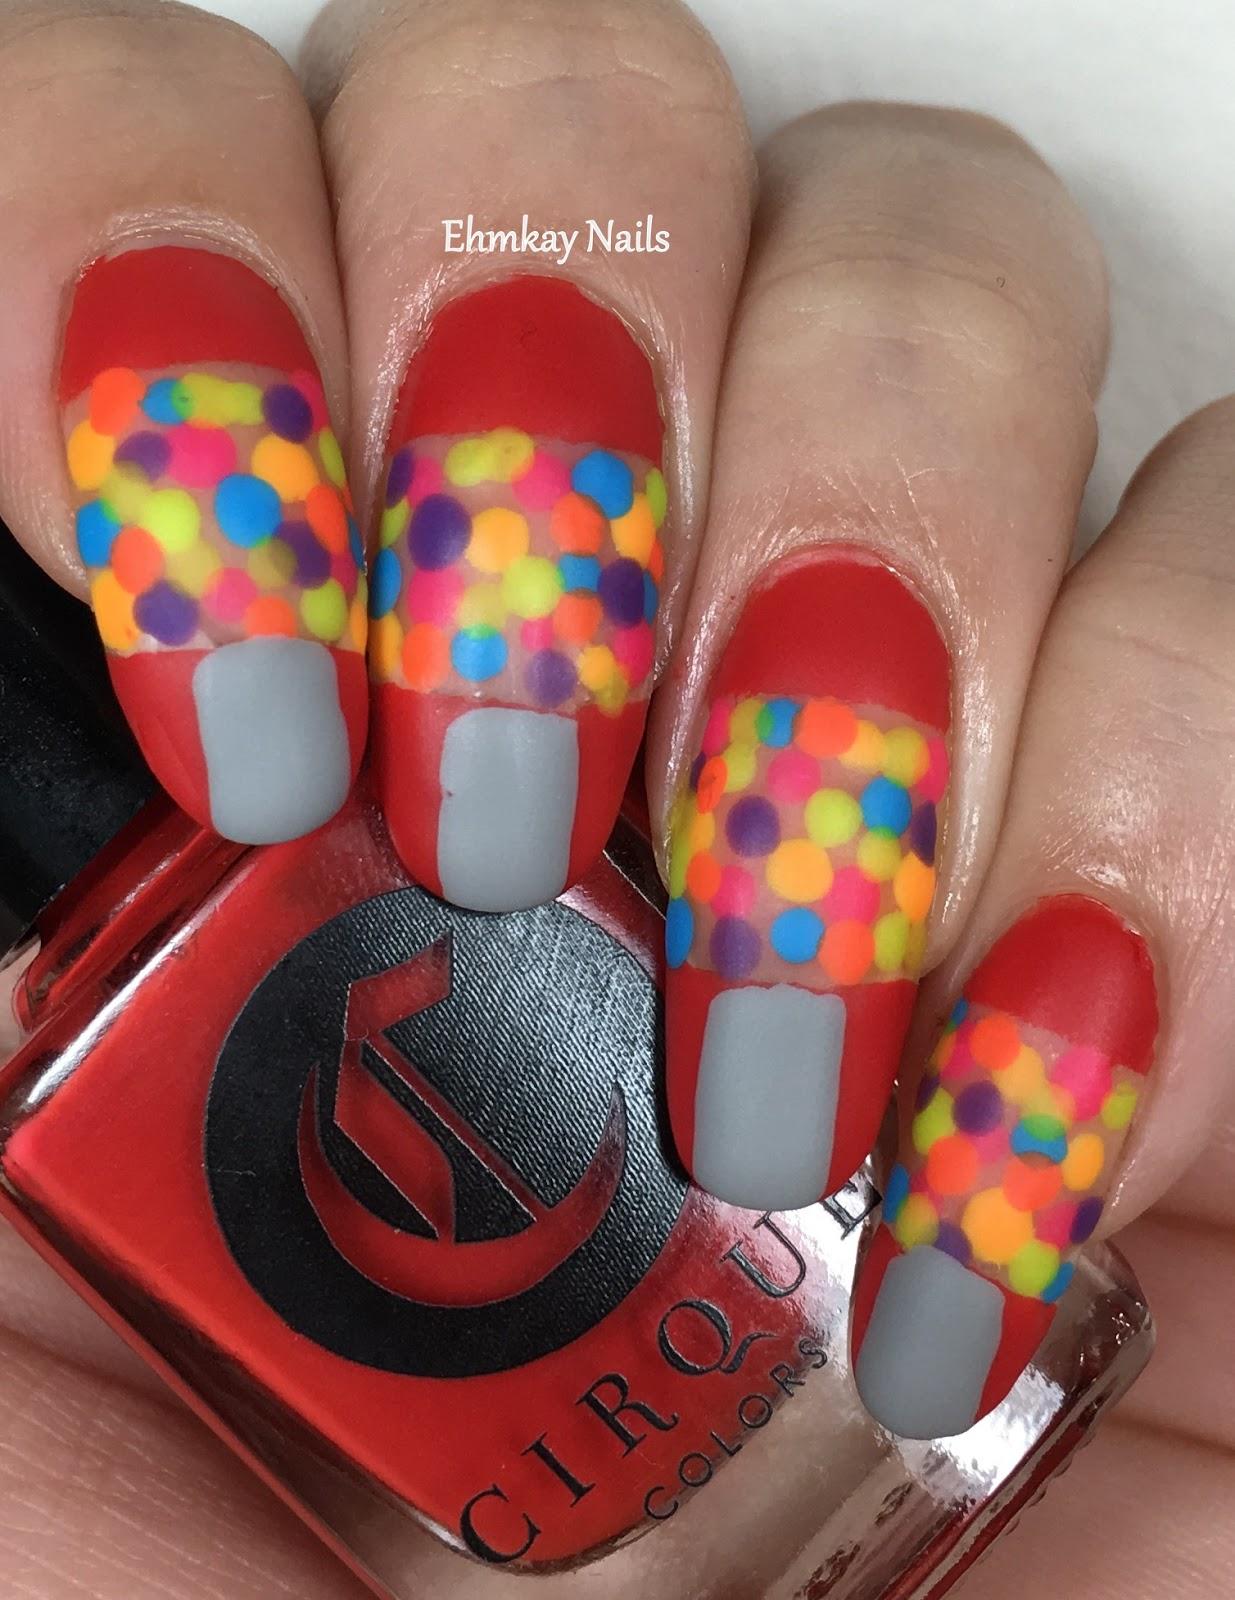 ehmkay nails: Gumball Machine Nail Art